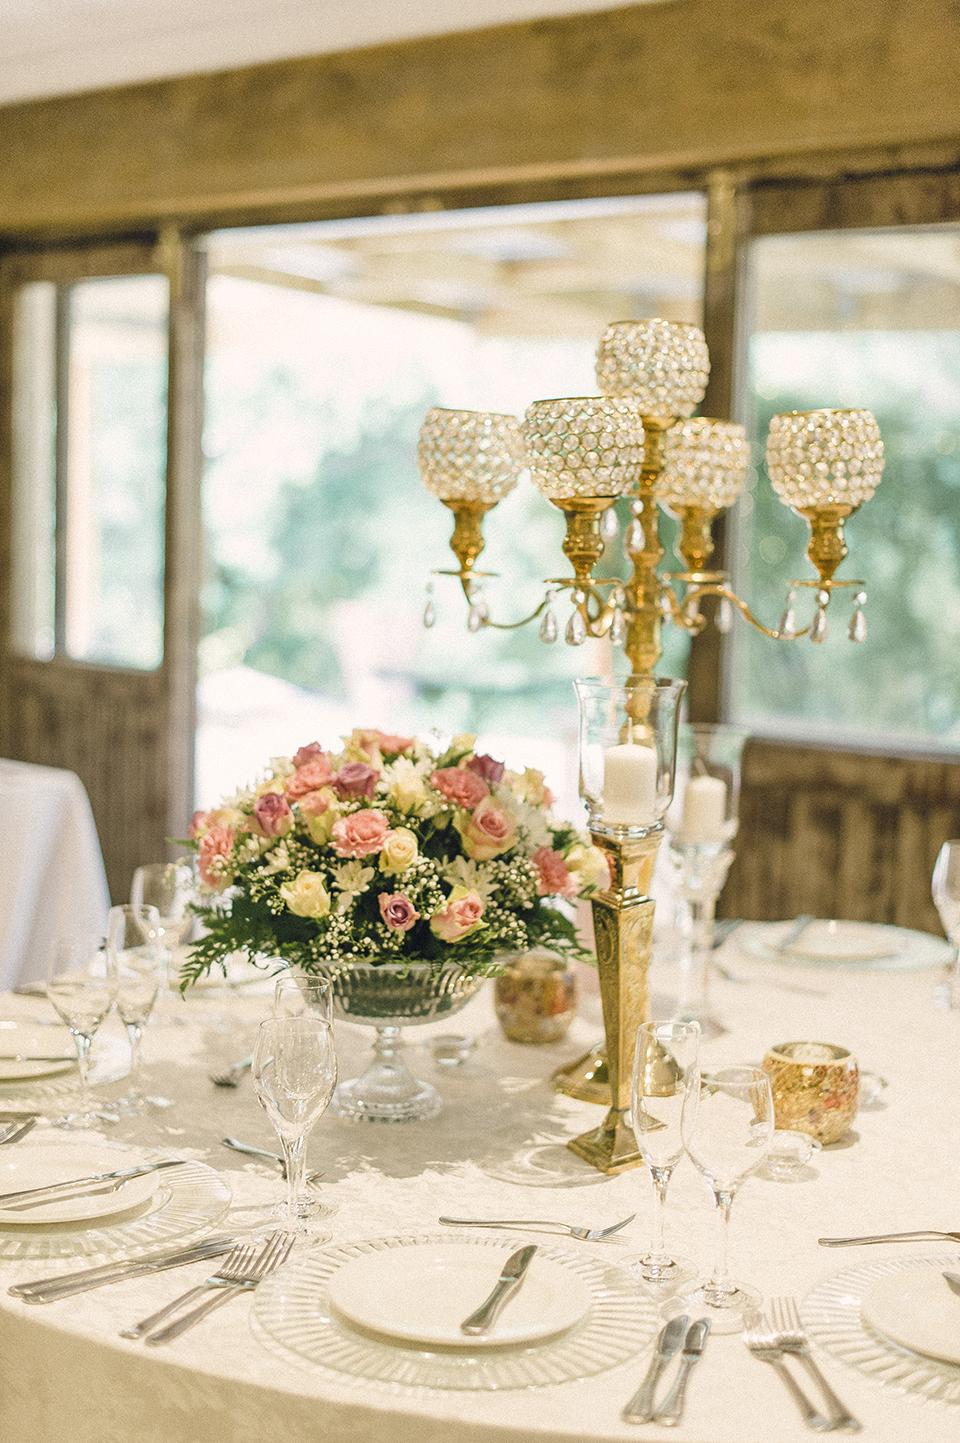 RyanParker_WeddingPhotographer_FineArt_CapeTown_Johannesburg_Hermanus_Avianto_T&L_DSC_8545.jpg